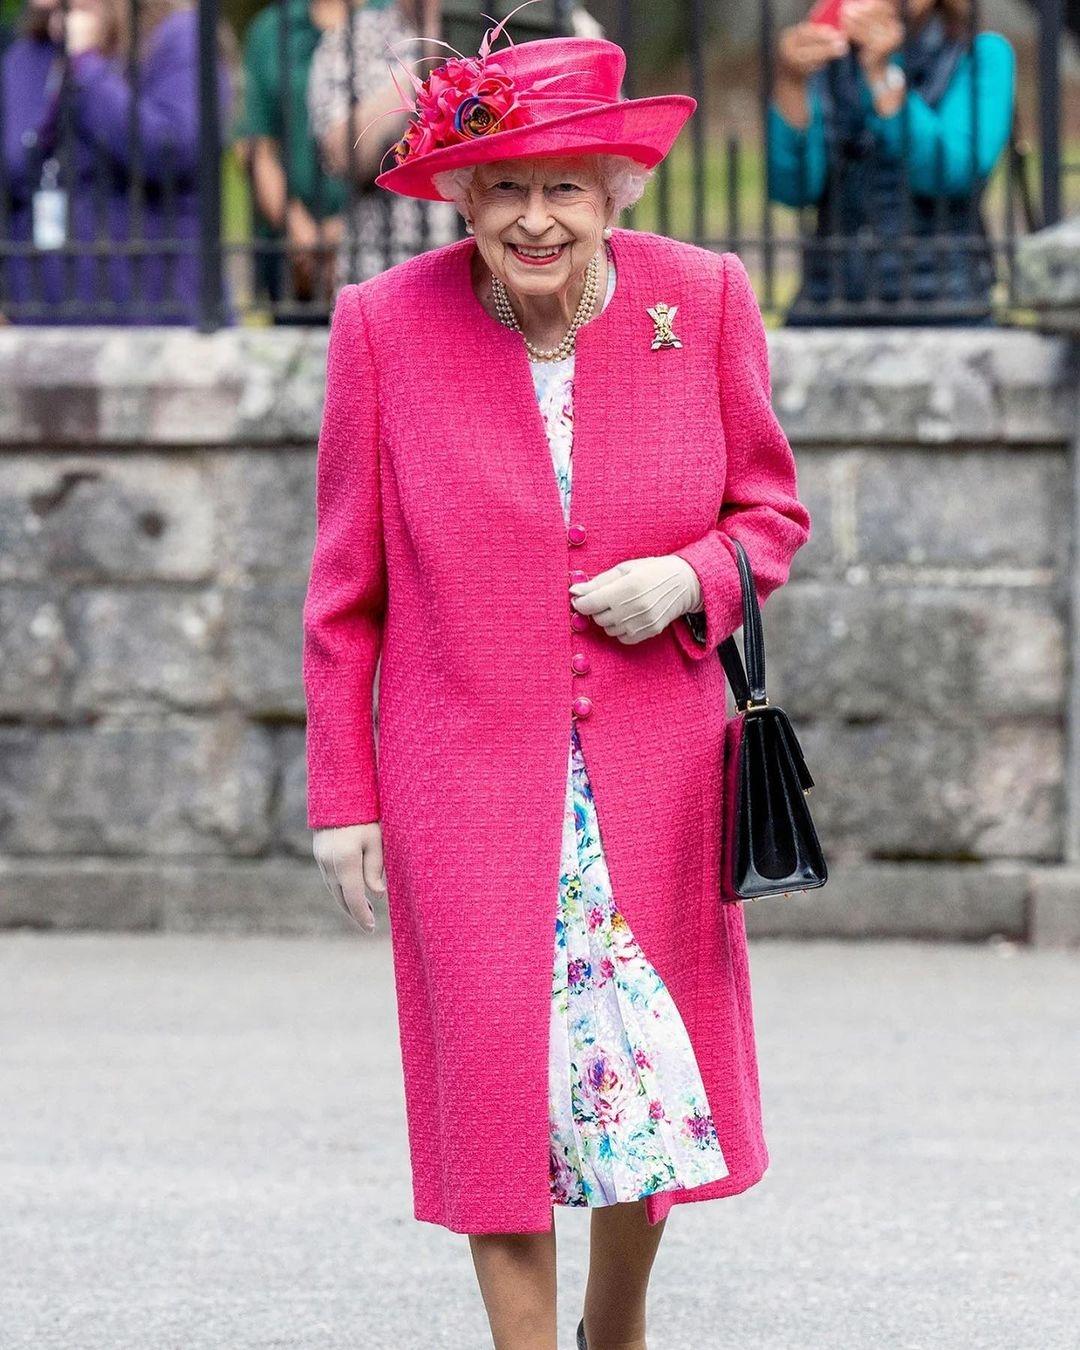 Королева выбирает розовый: Елизавета II восхитила новым выходом в женственном образе (ФОТО) - фото №1